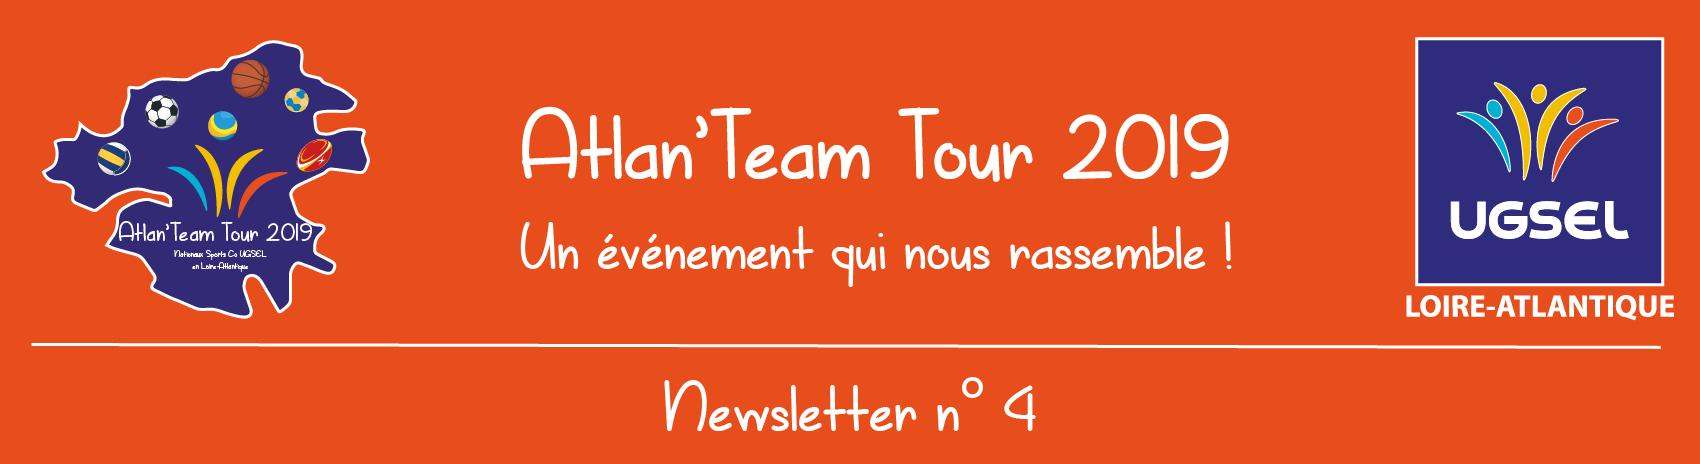 Bannière news 4